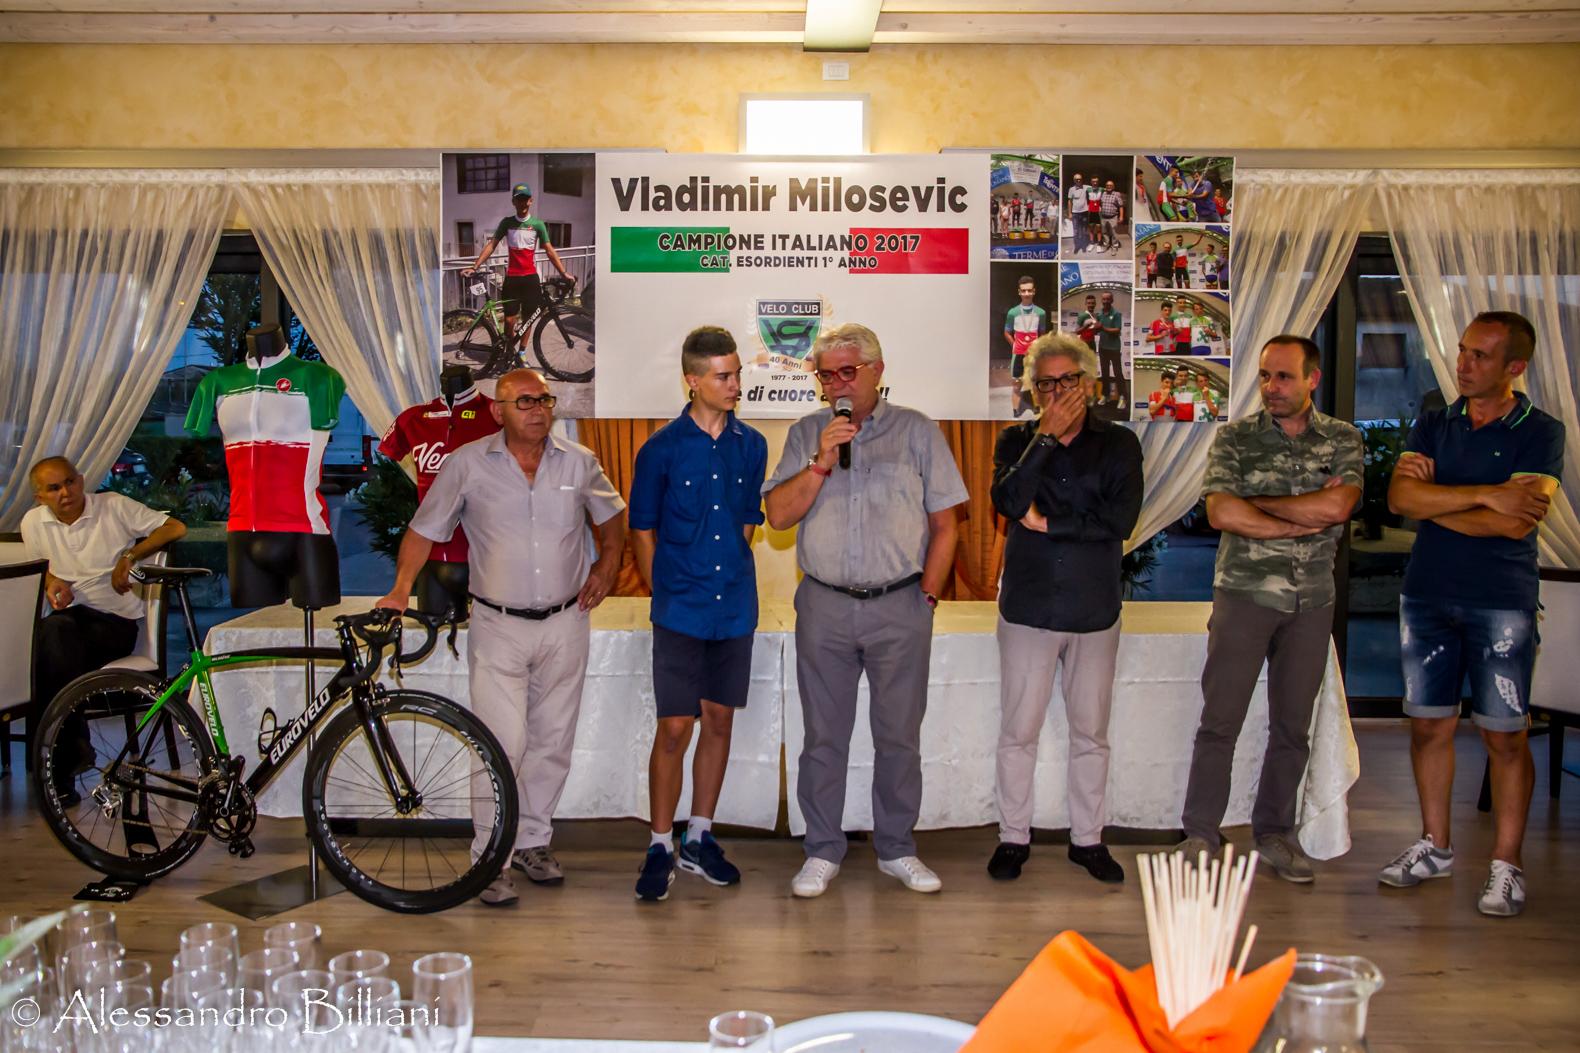 MilosevicItaEs17_rw-144